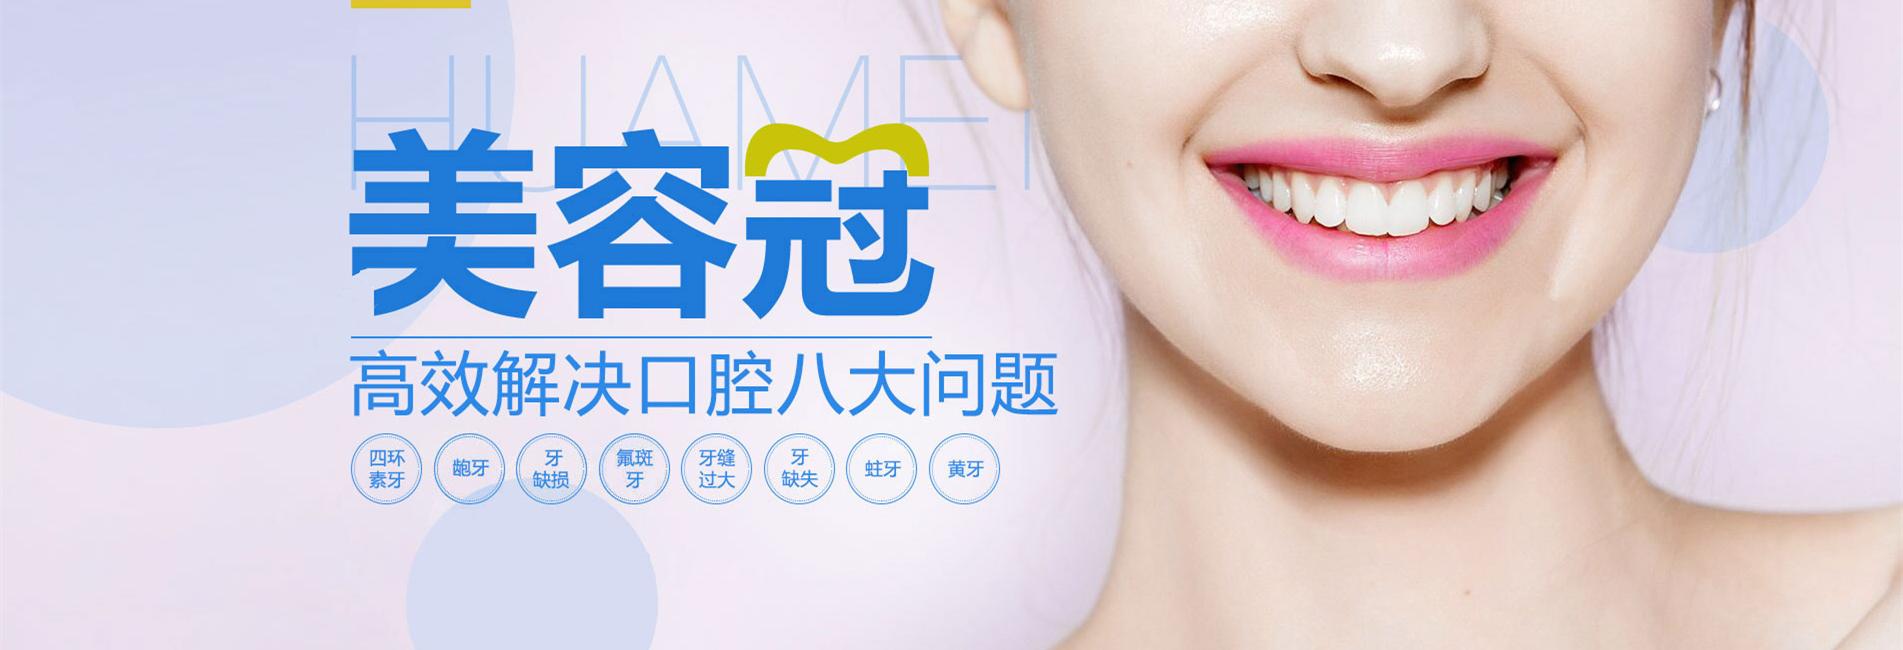 咸阳新三秦牙科门诊解决8大口腔问题